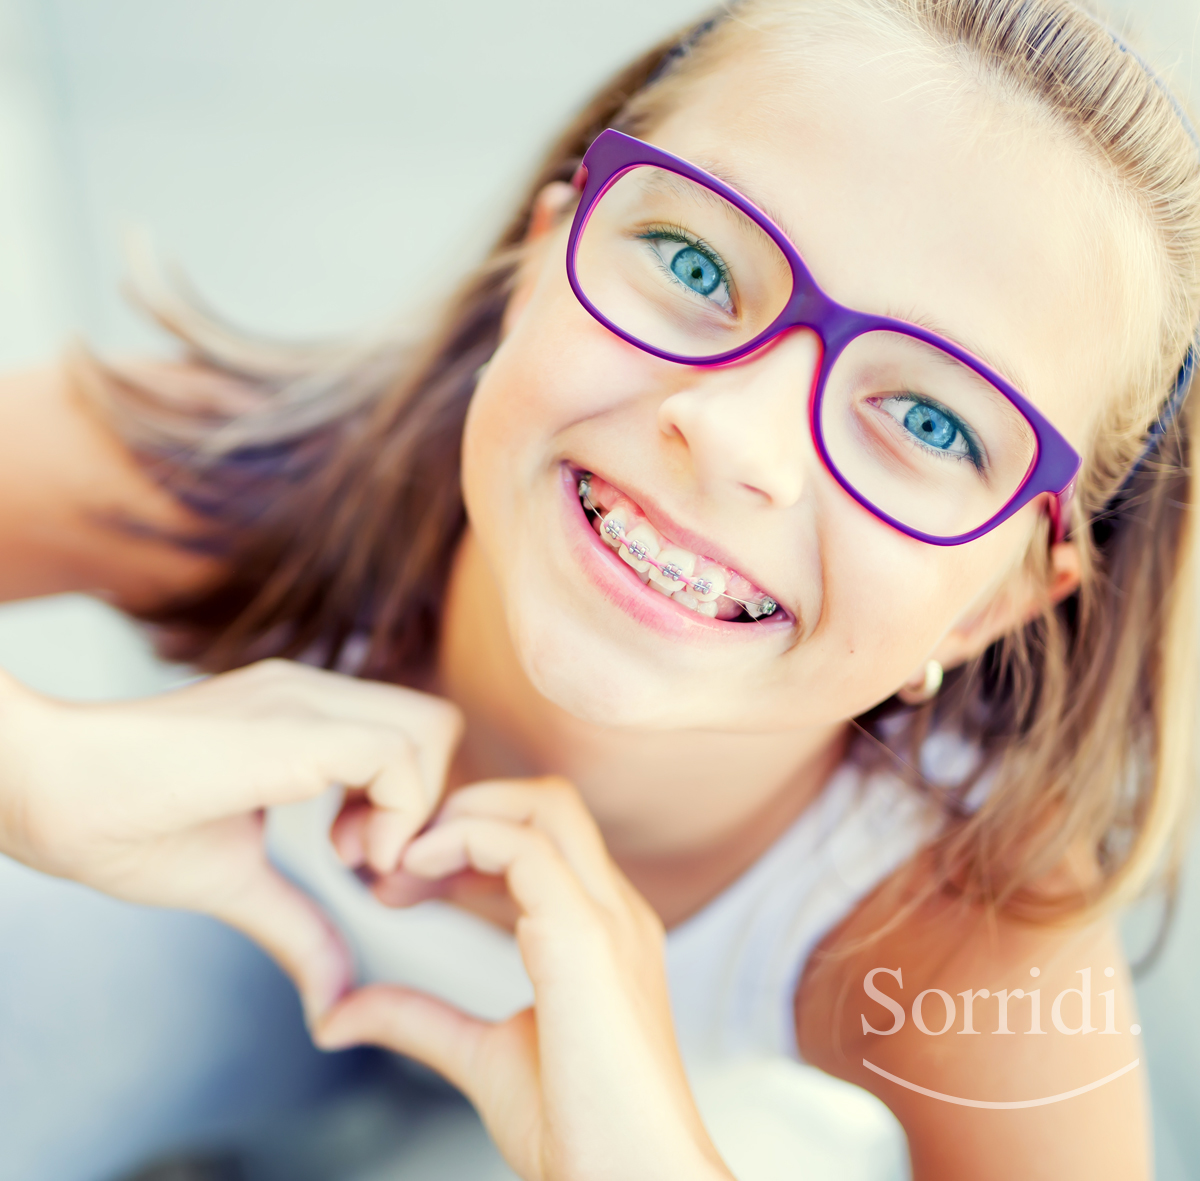 Apparecchi dentali - ortodontici